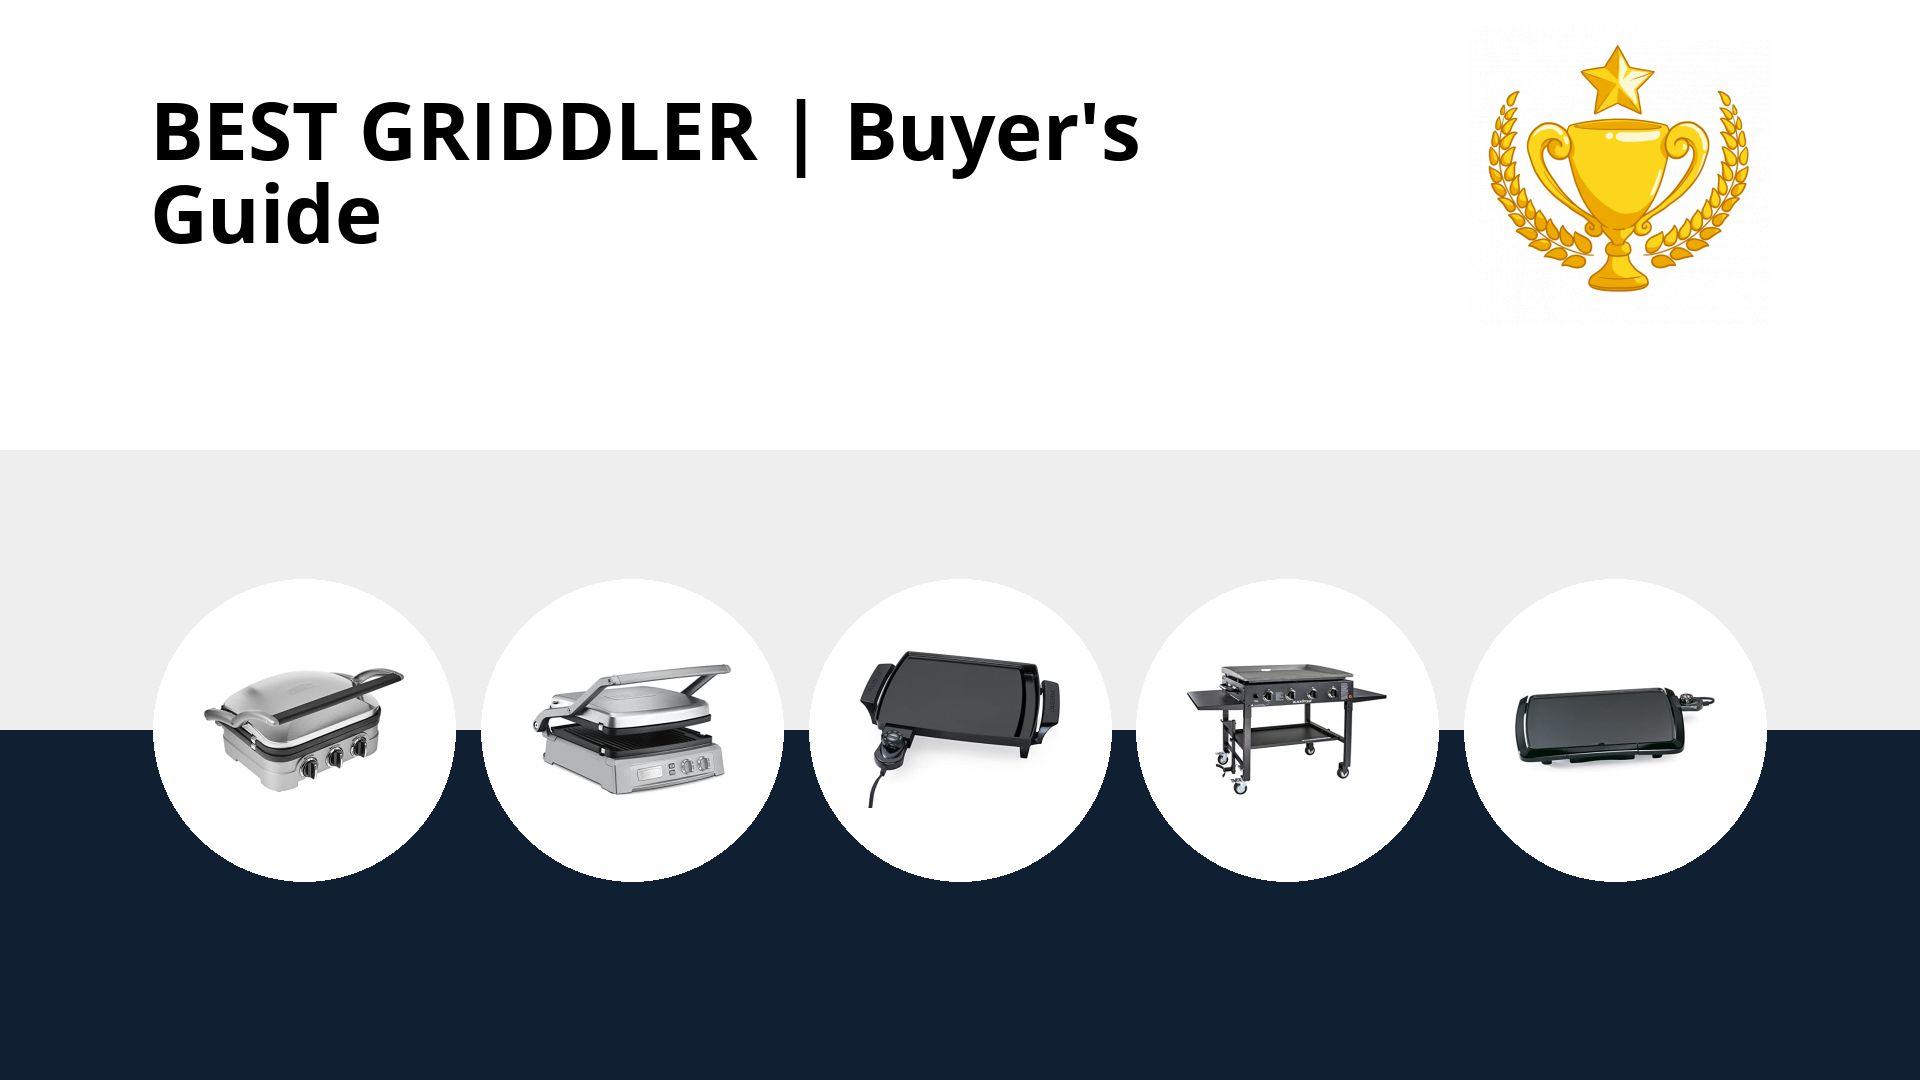 Best Griddler: image